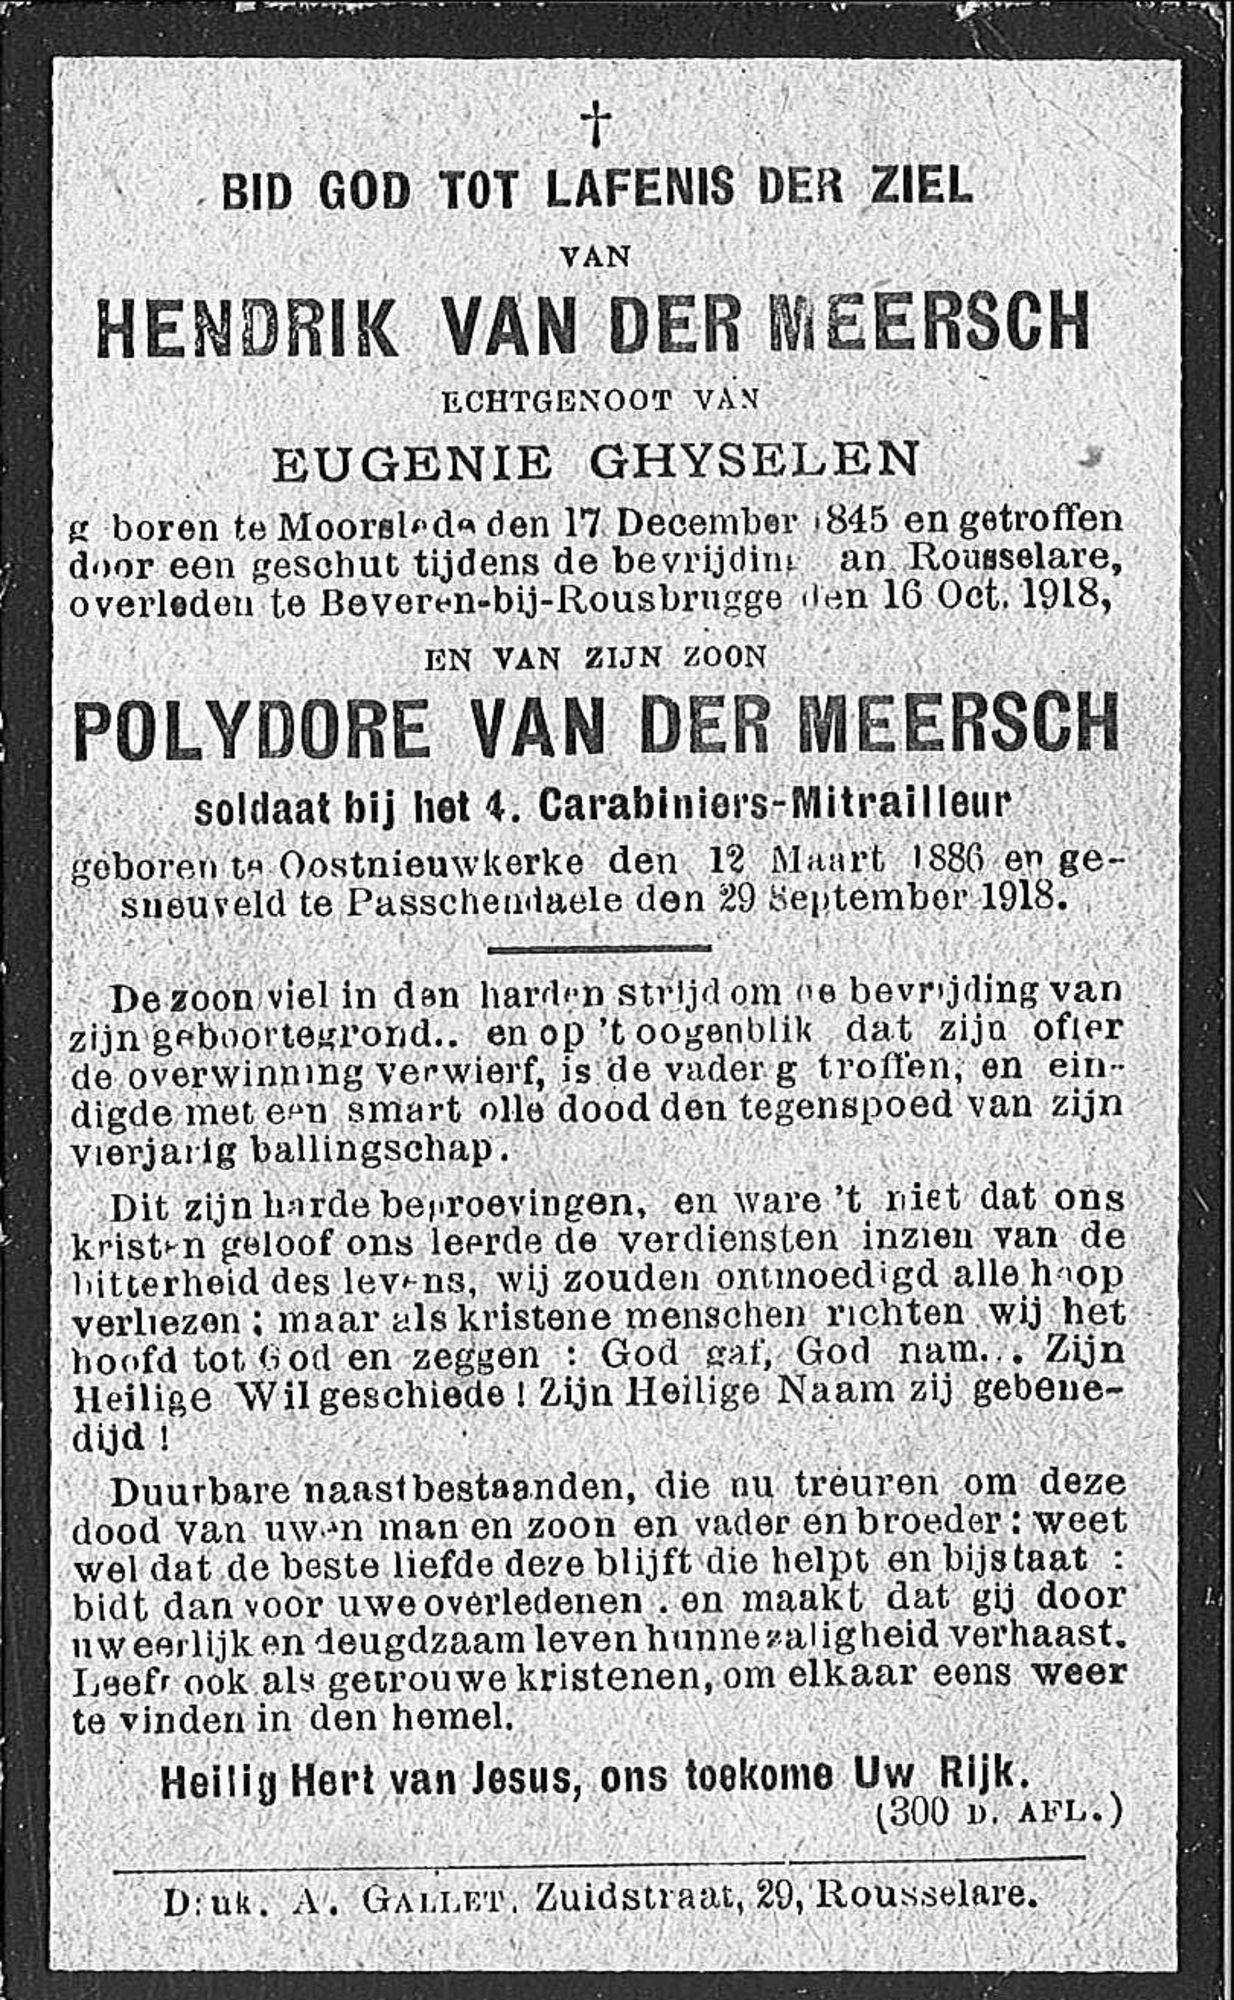 Hendrik Van Der Meersch